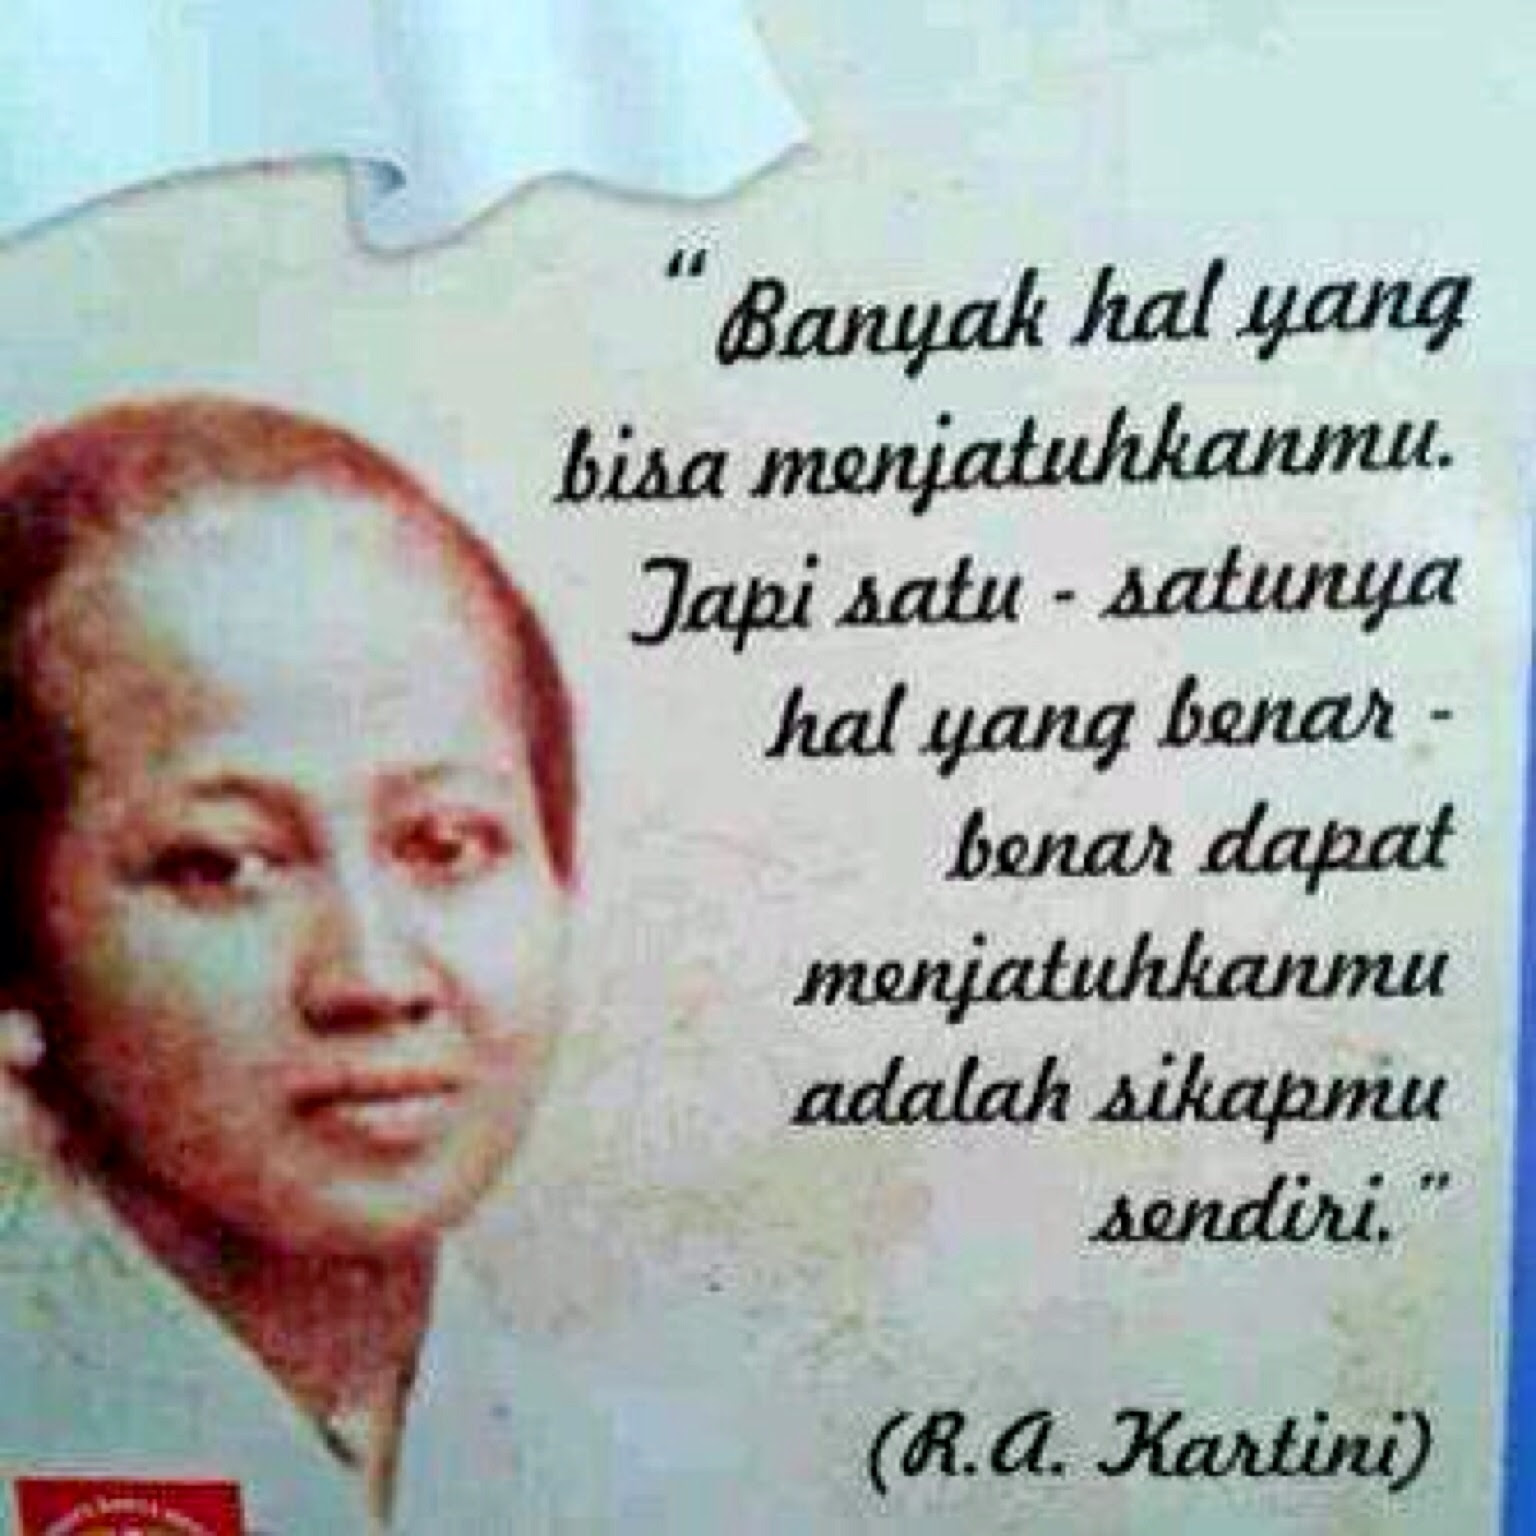 RA Kartini\u2019s quote  eugenhugo\u002639;s Blog